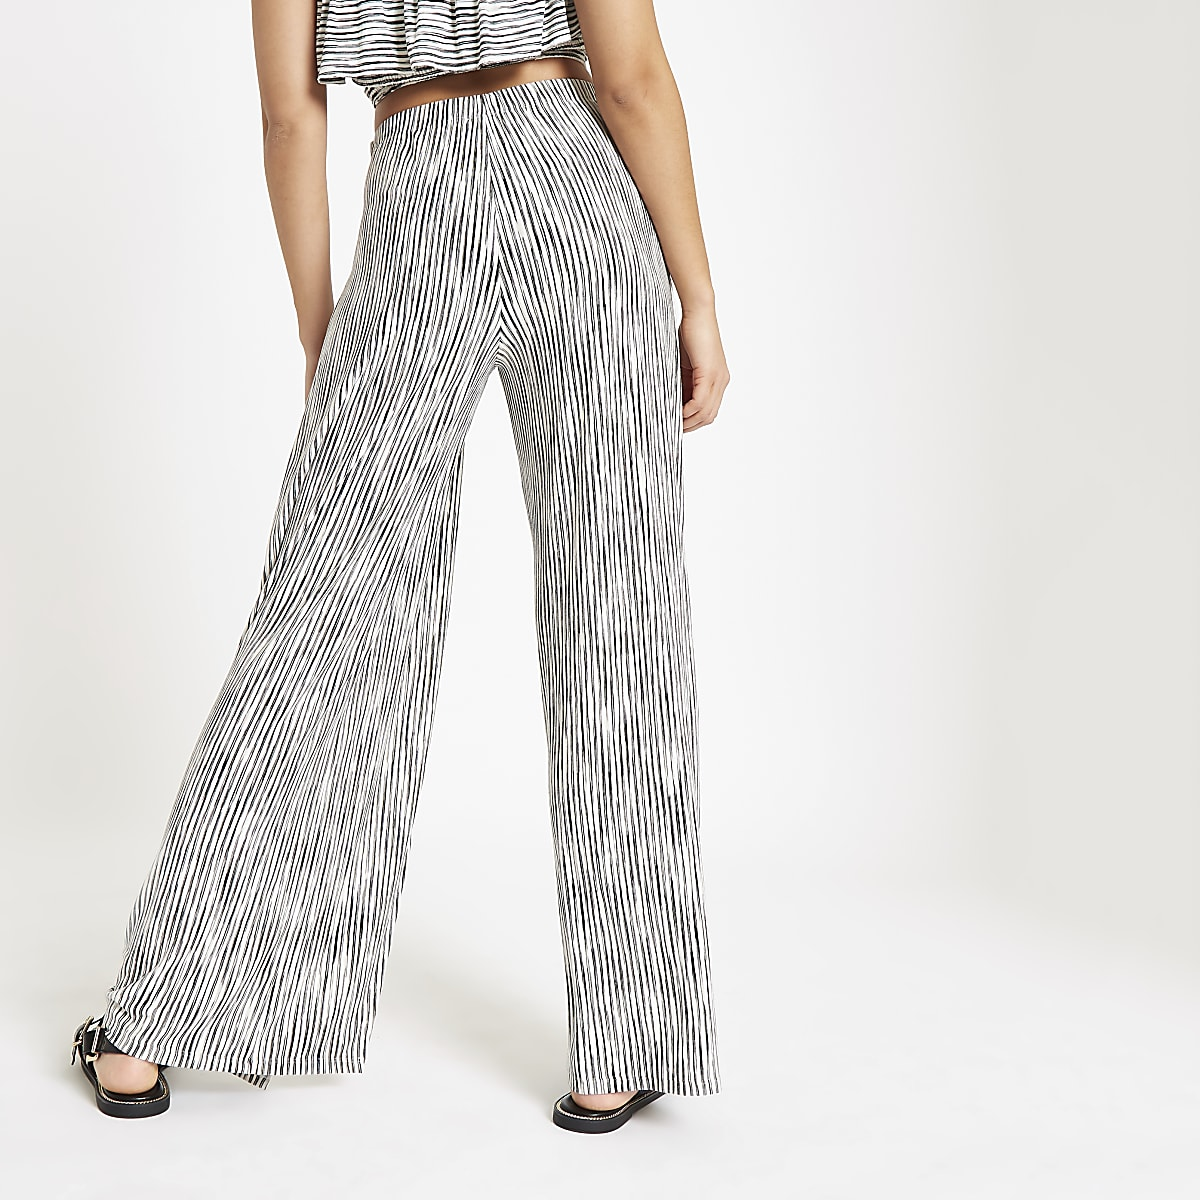 aab7d027ef White stripe wide leg beach trousers - Kaftans & Beach Cover-Ups ...